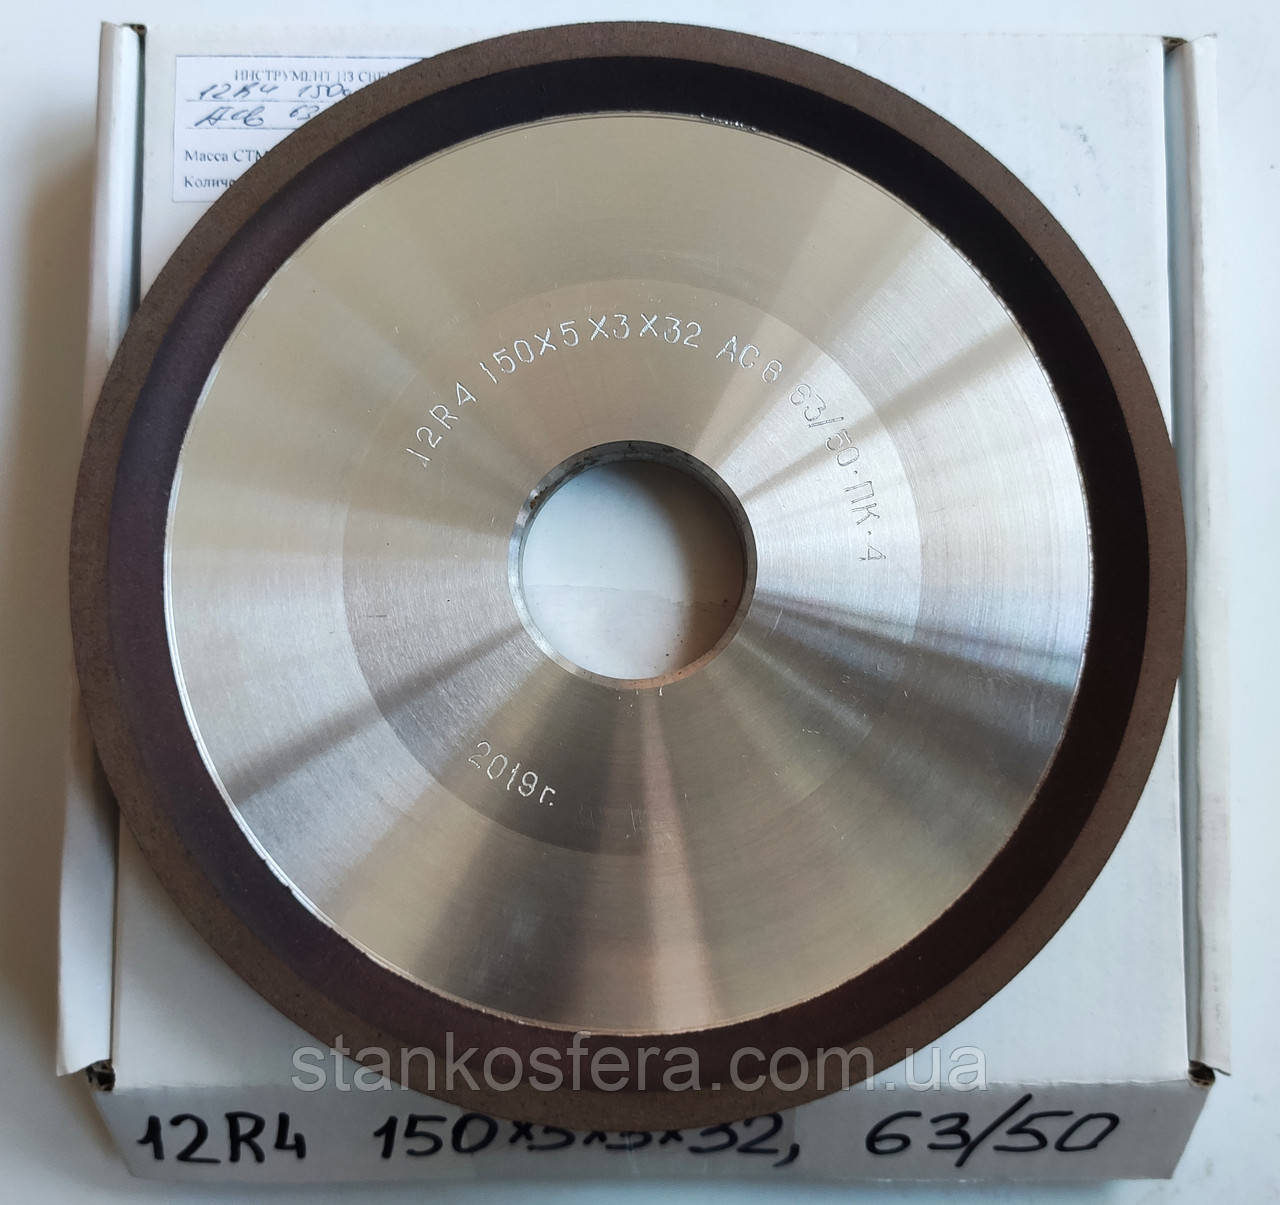 Шлифовальный круг 12R4 150*5*3*32  AC 6 63/50 для заточного станка Кухарчик